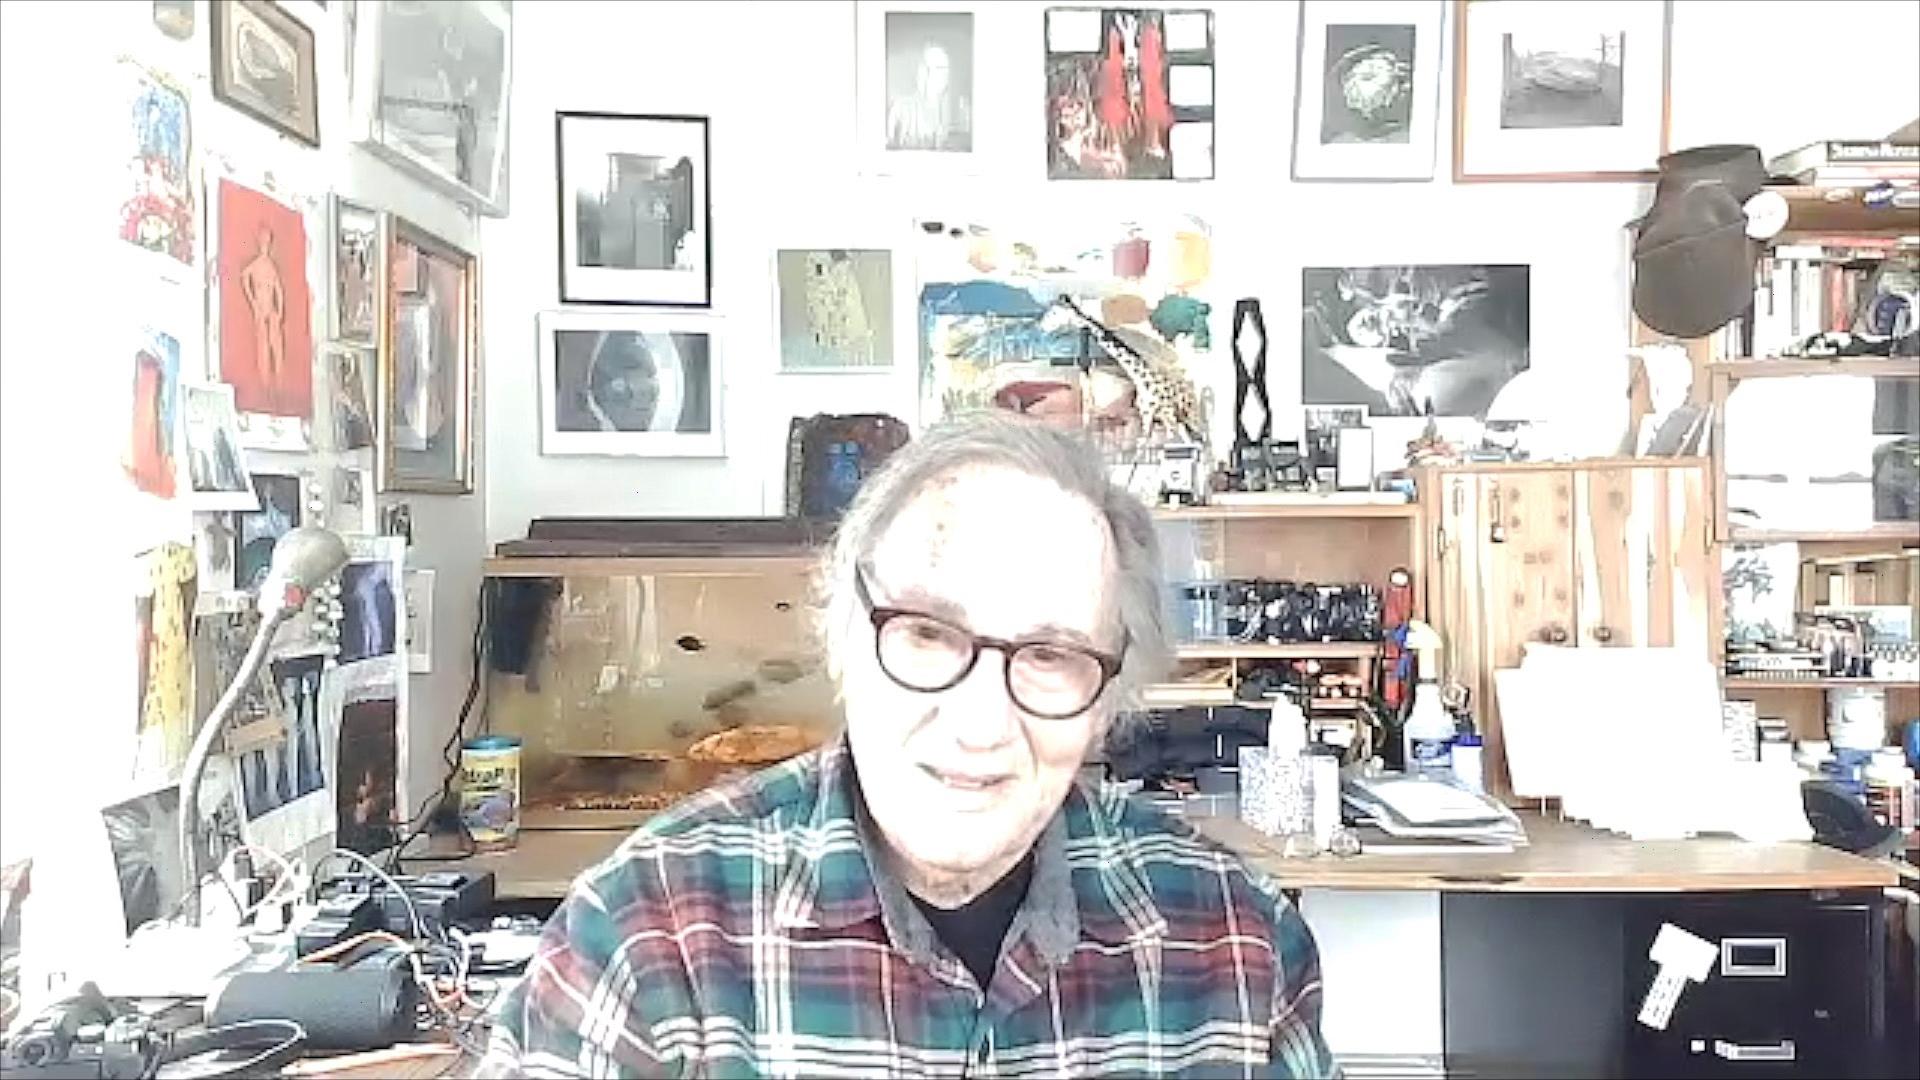 L'ARTIERE TALKS- Larry Fink in conversation with Barbara Tannenbaum